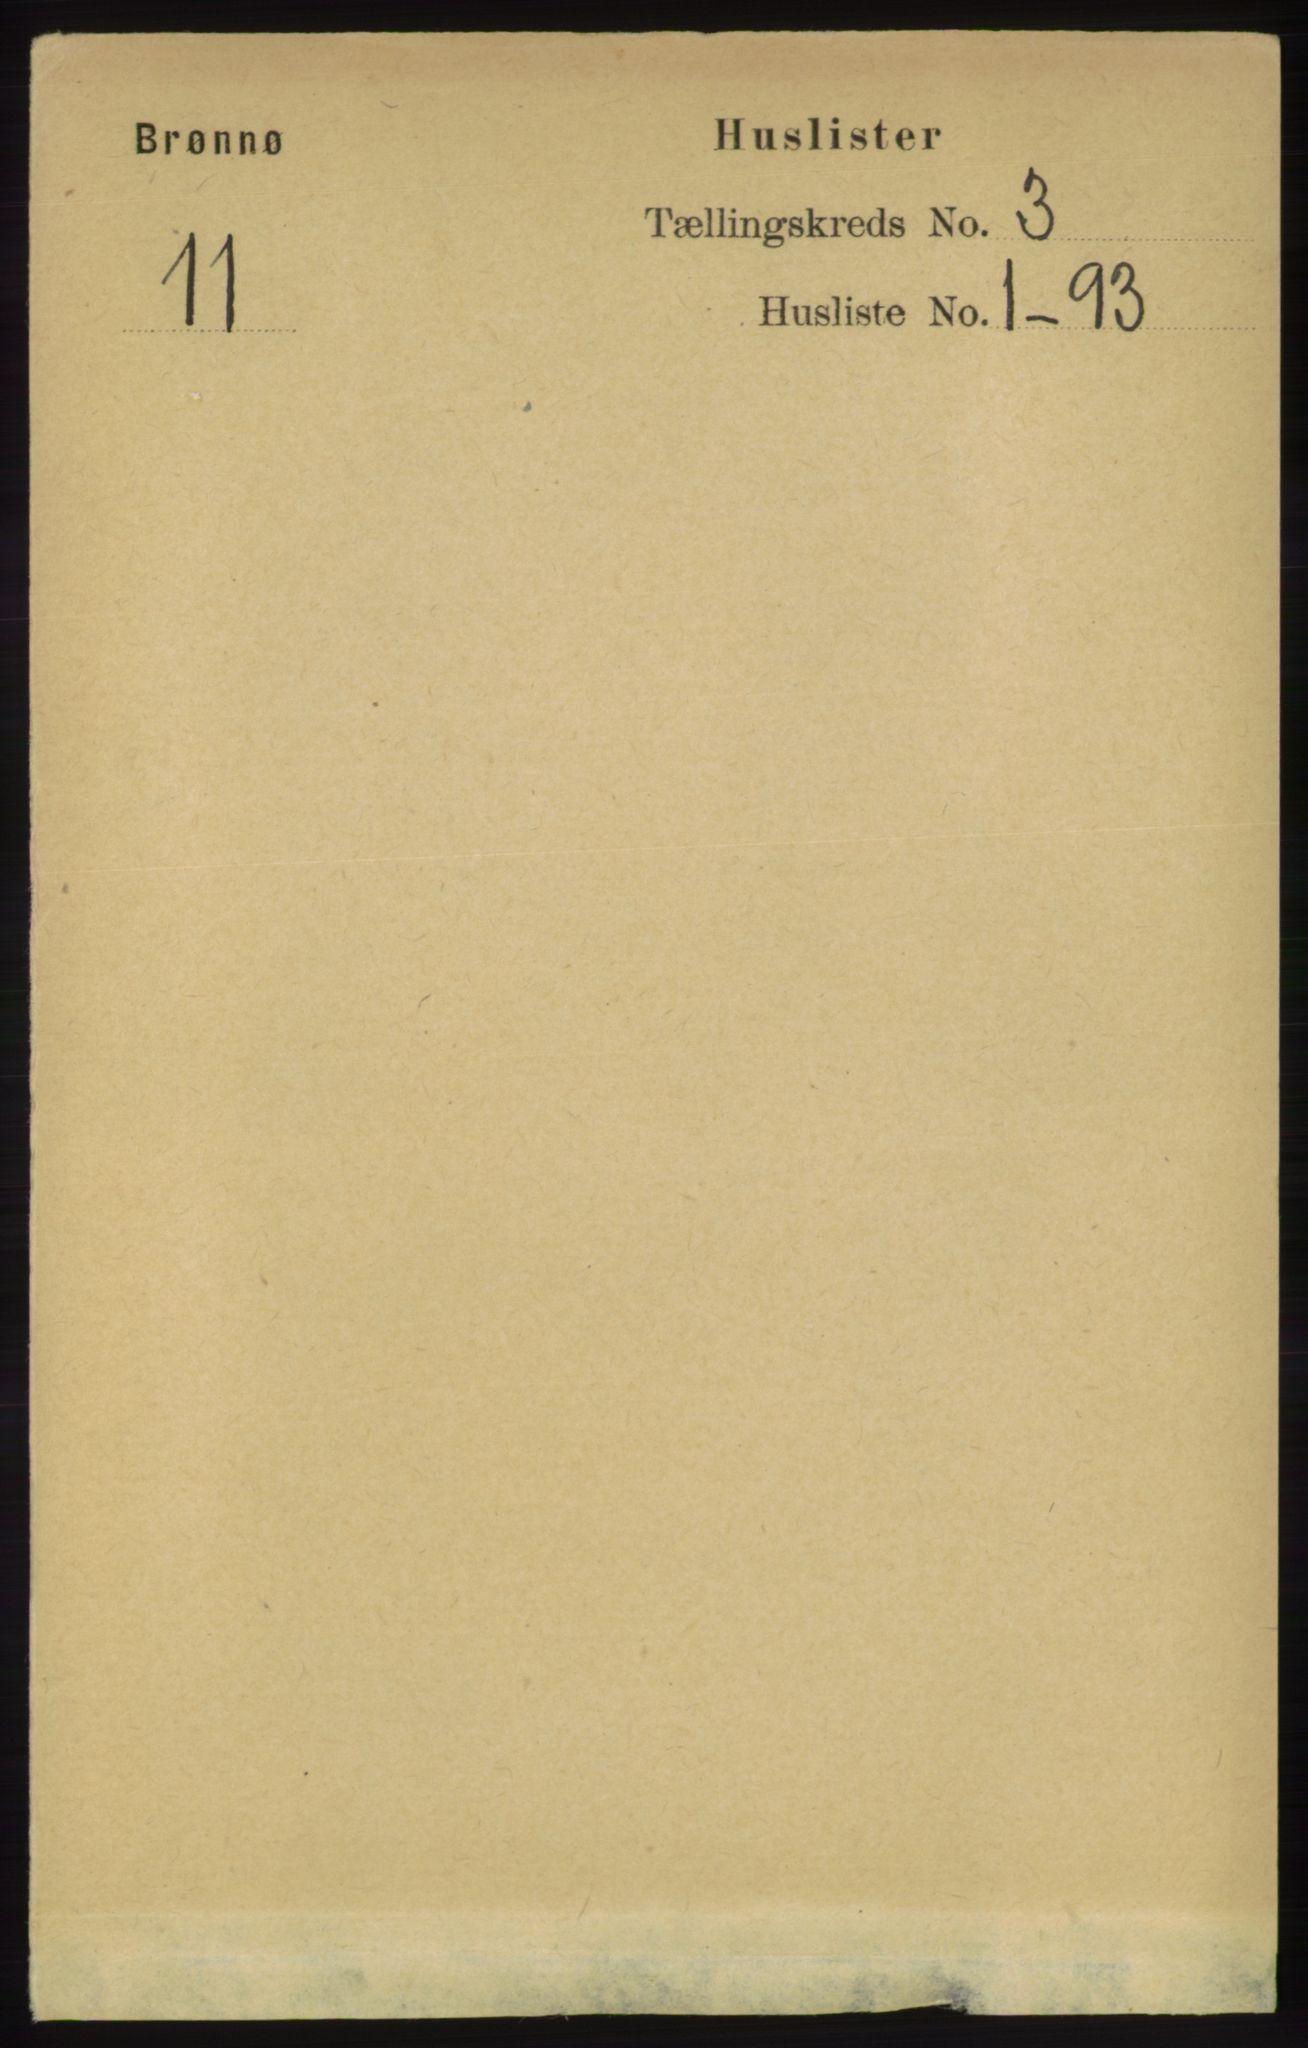 RA, Folketelling 1891 for 1814 Brønnøy herred, 1891, s. 1194